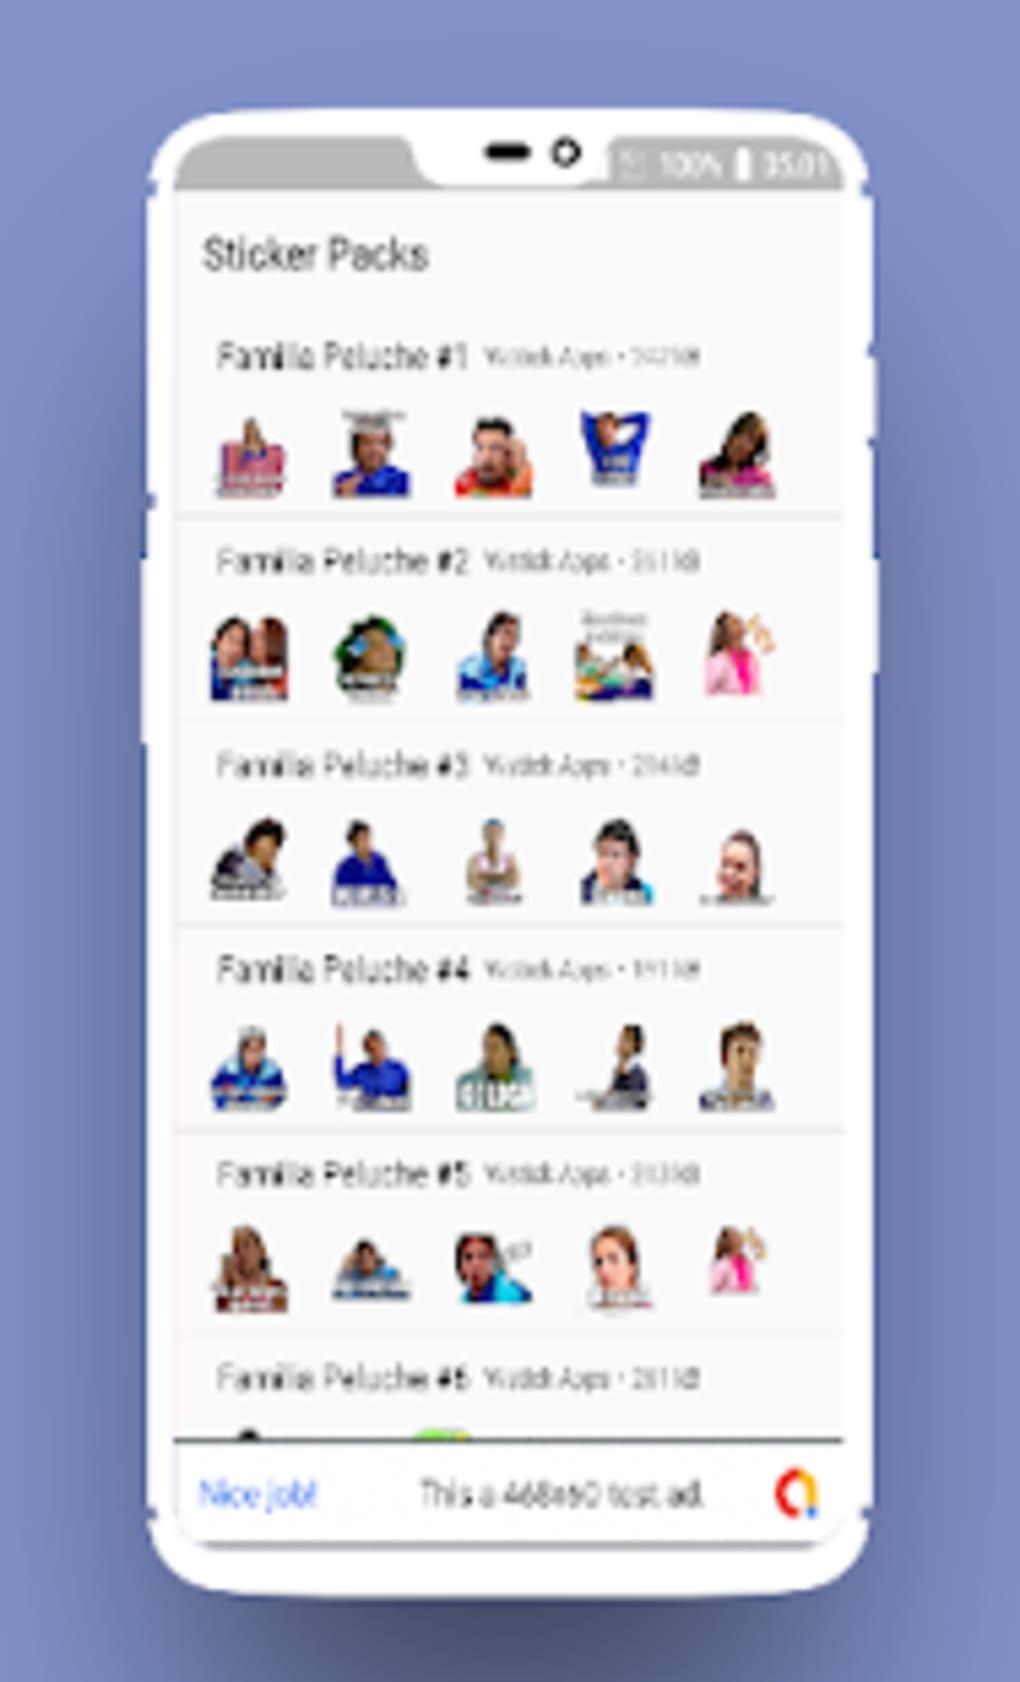 Stickers De La Familia Peluche Para Whatsapp Apk Para Android Descargar Los recursos gráficos como los emojis o gifs son de lo más usado en las apps de mensajería. stickers de la familia peluche para